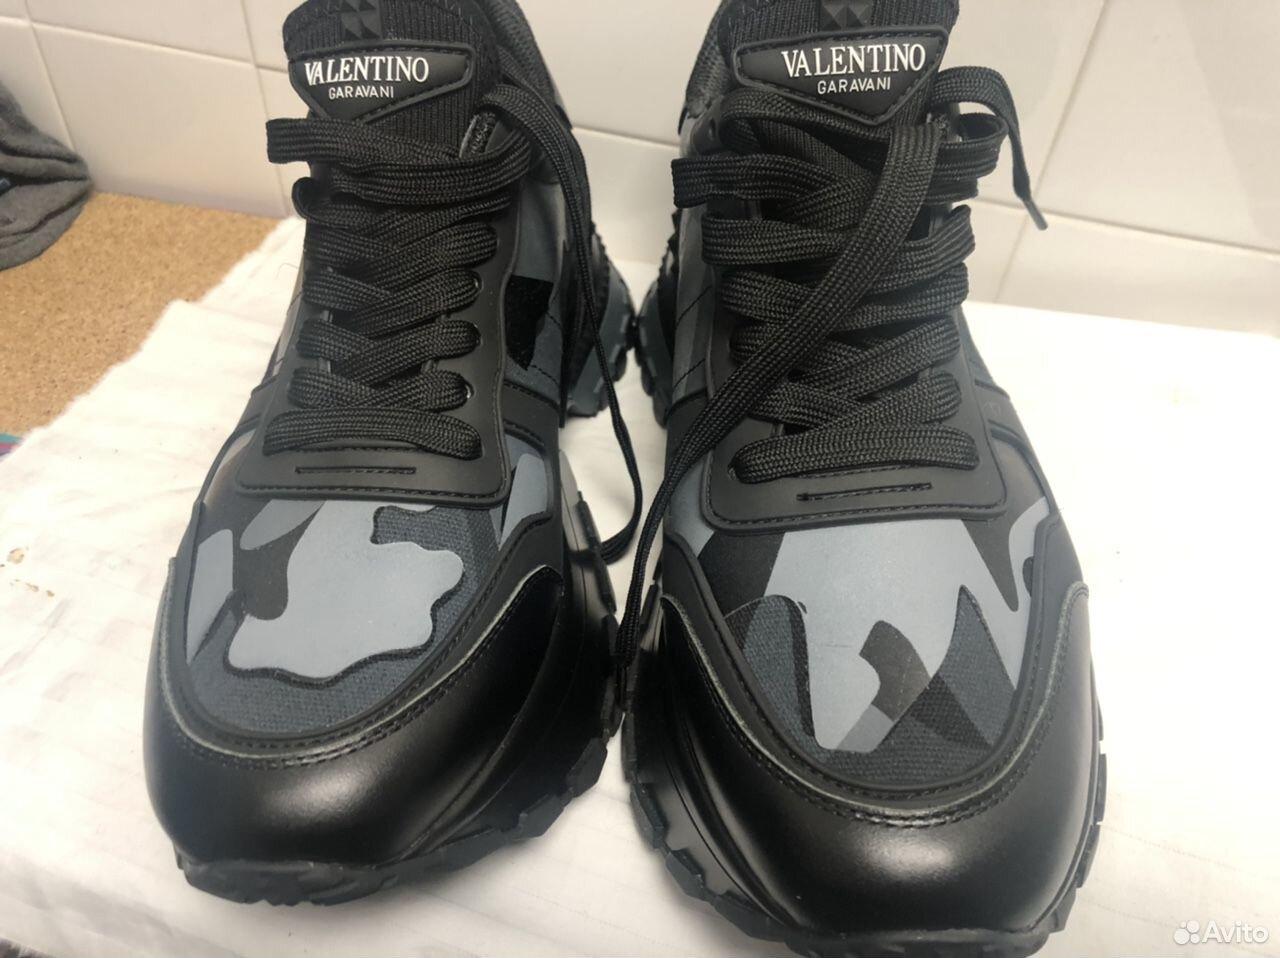 Продам кожаные кроссовки,купили не подошол размер  89187703894 купить 6